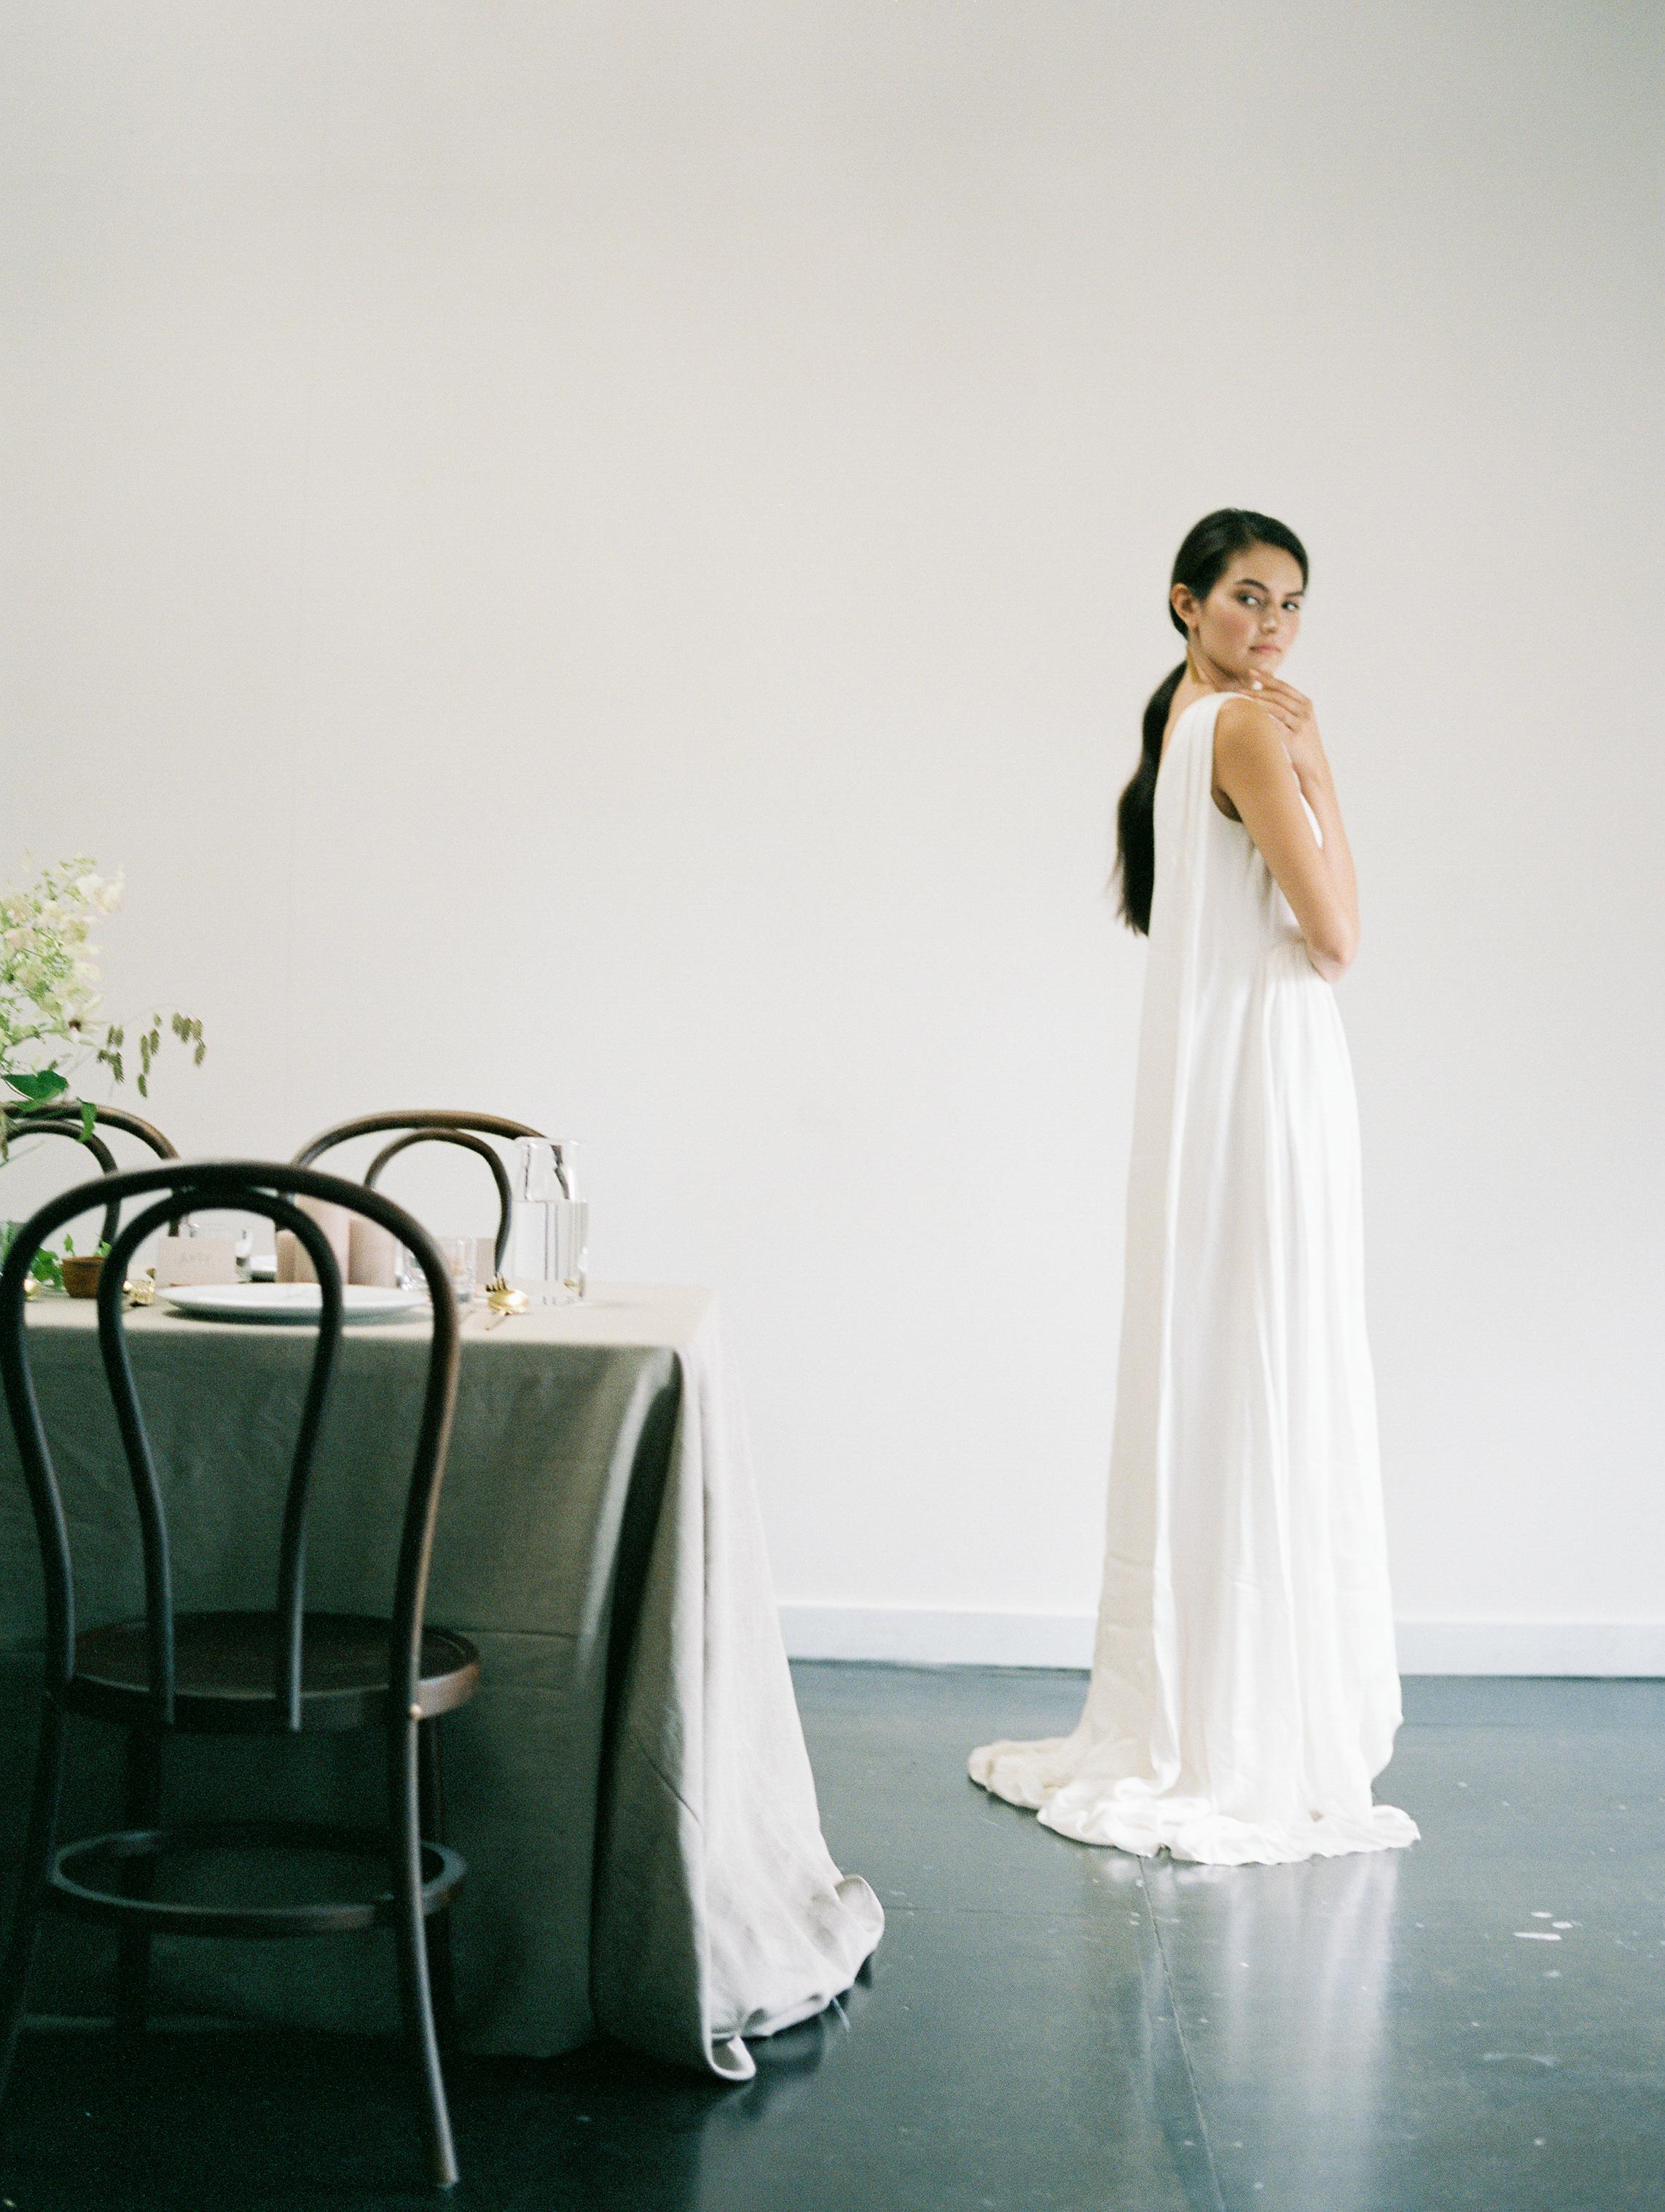 Feminine Bridal Inspiration | Minimalist Bridal | Minimalist Wedding | Natural Wedding | Organic Wedding | Jeremy Chou Photography | Fine Art Wedding | Joy Wed